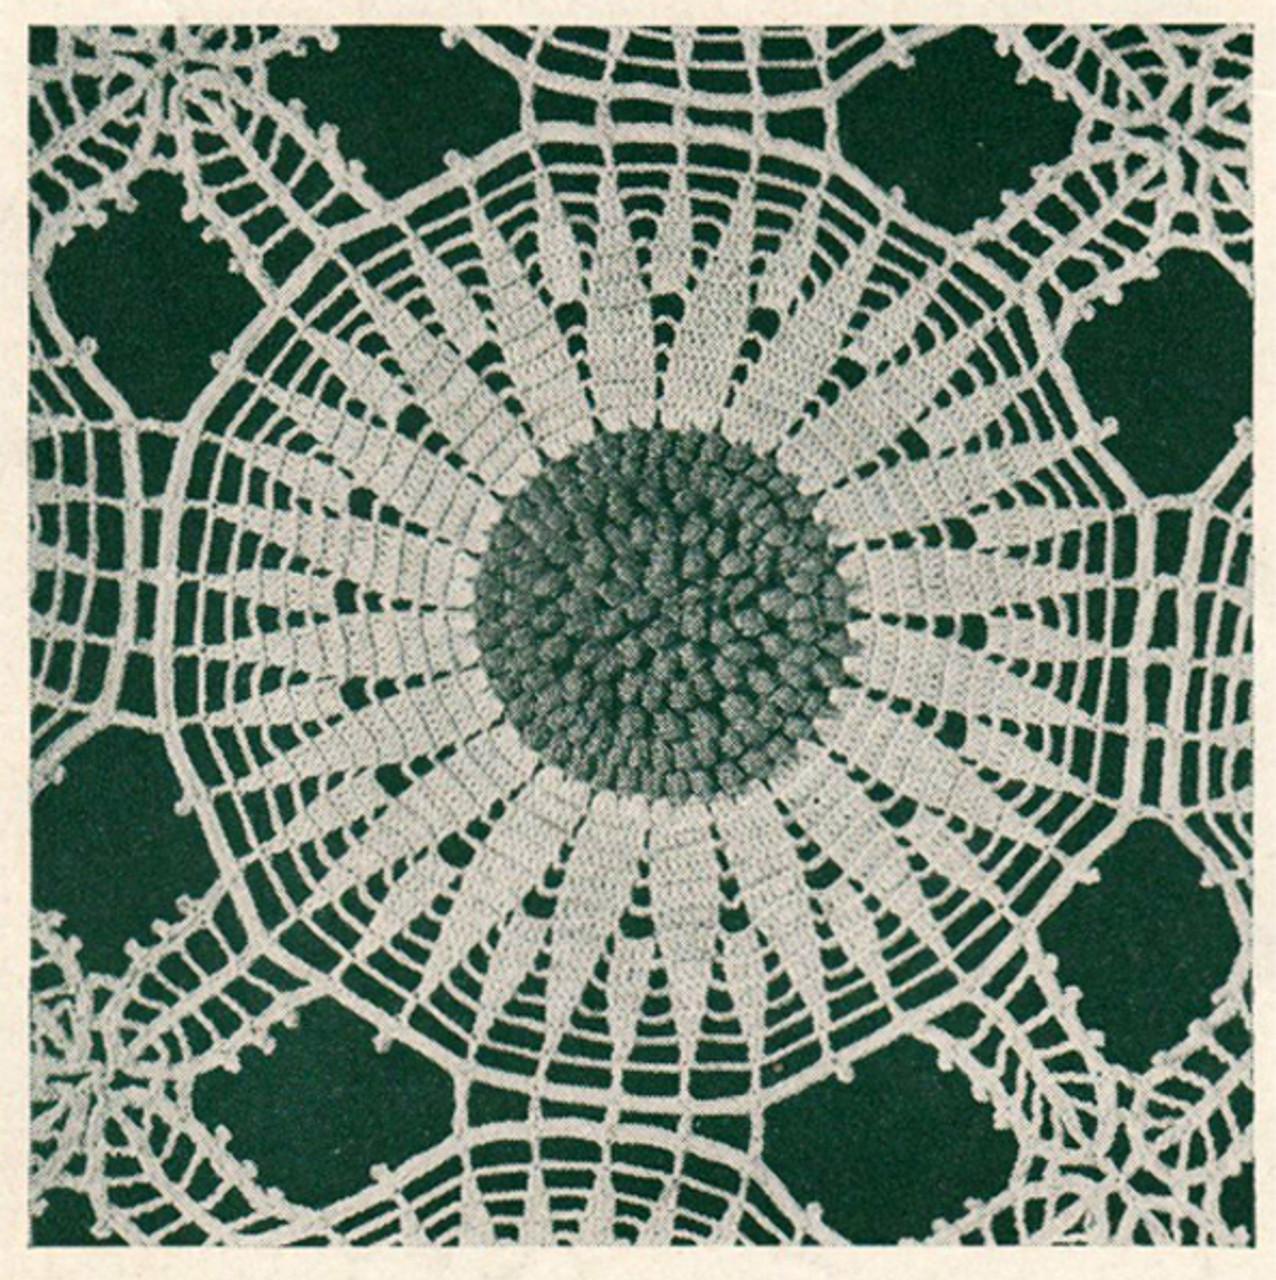 Crochet Sunflower Medallion Pattern for Bedspreads